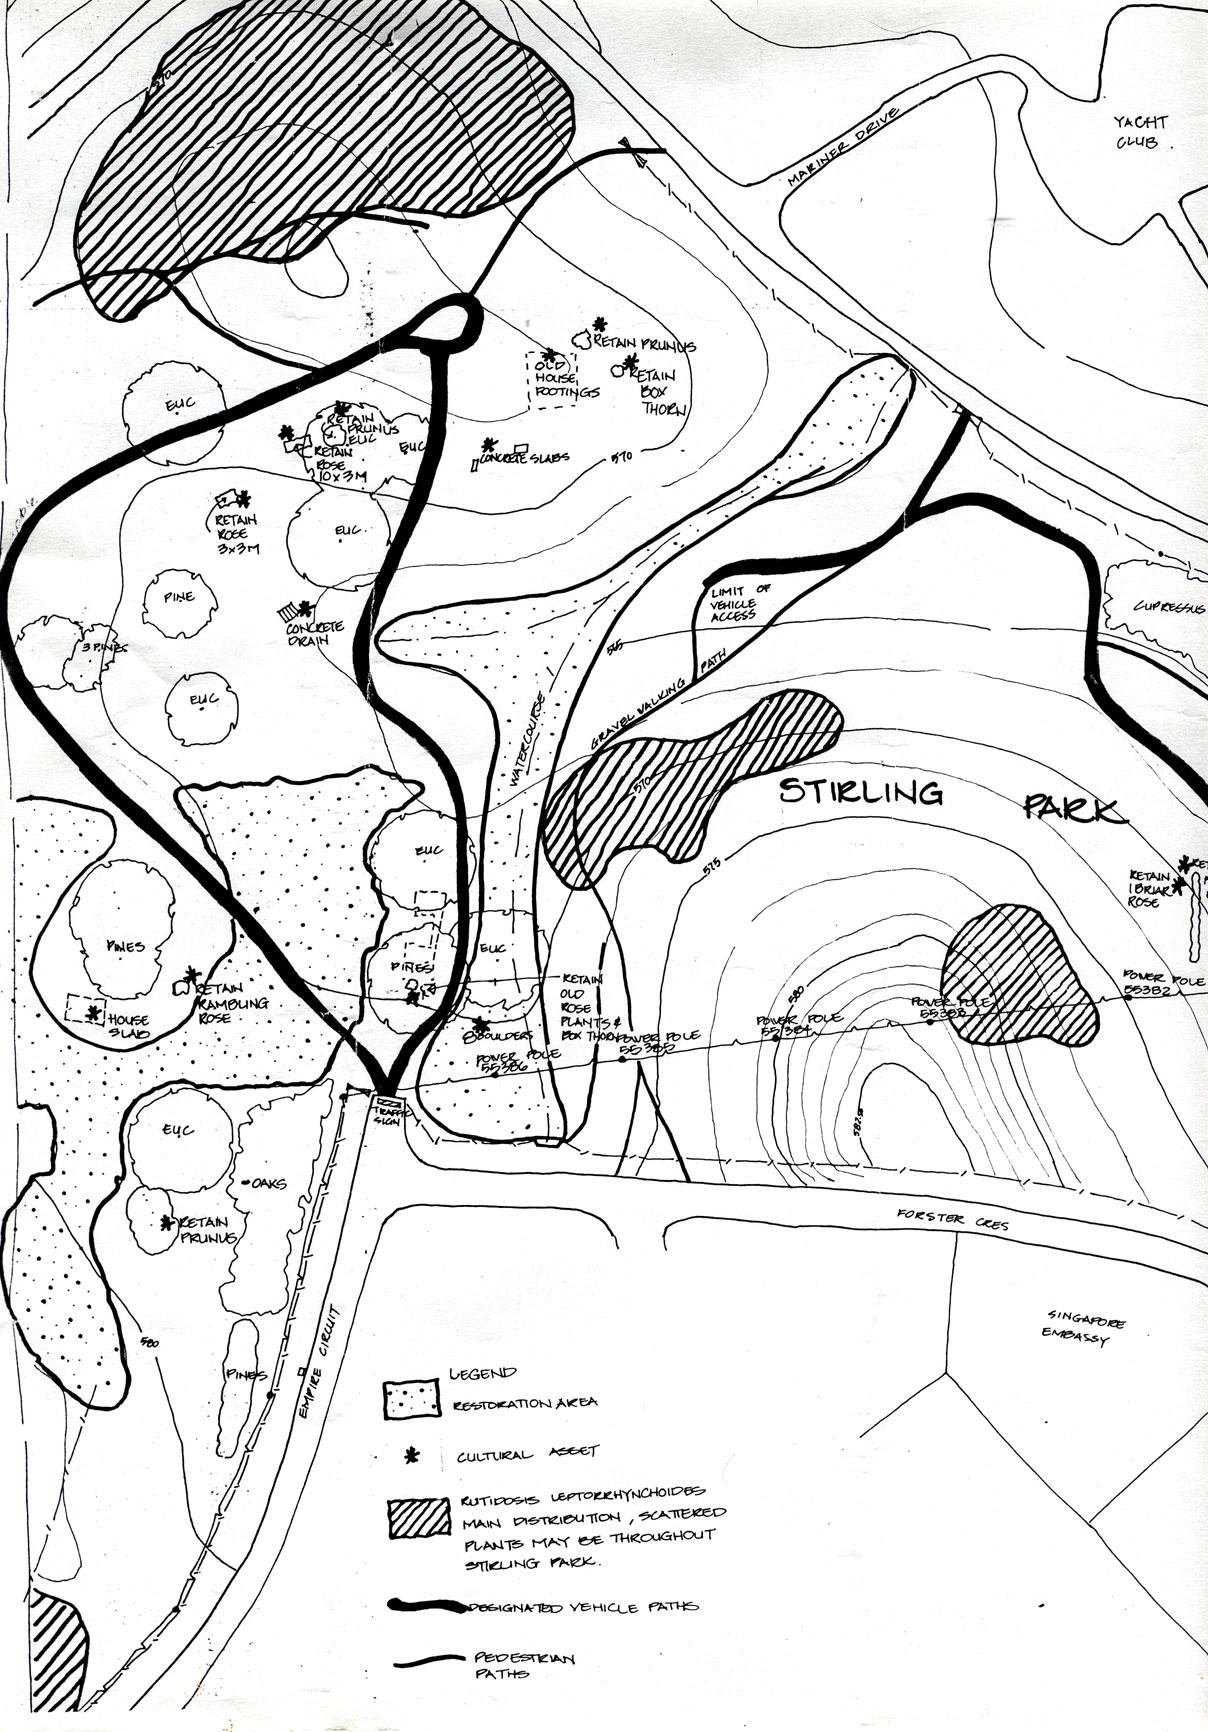 NCA map Stirling Park